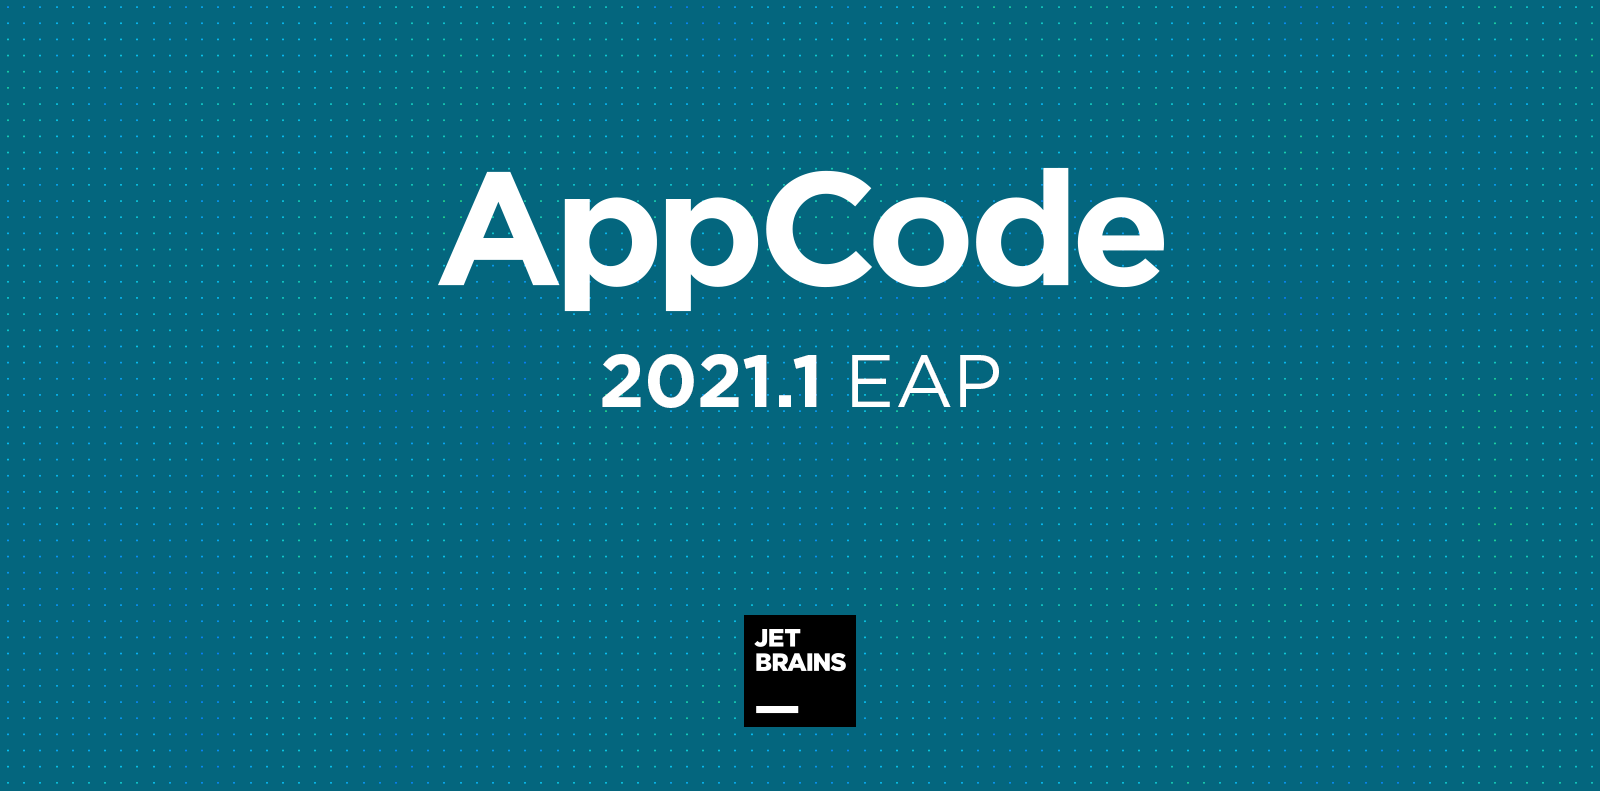 2021.1 EAP